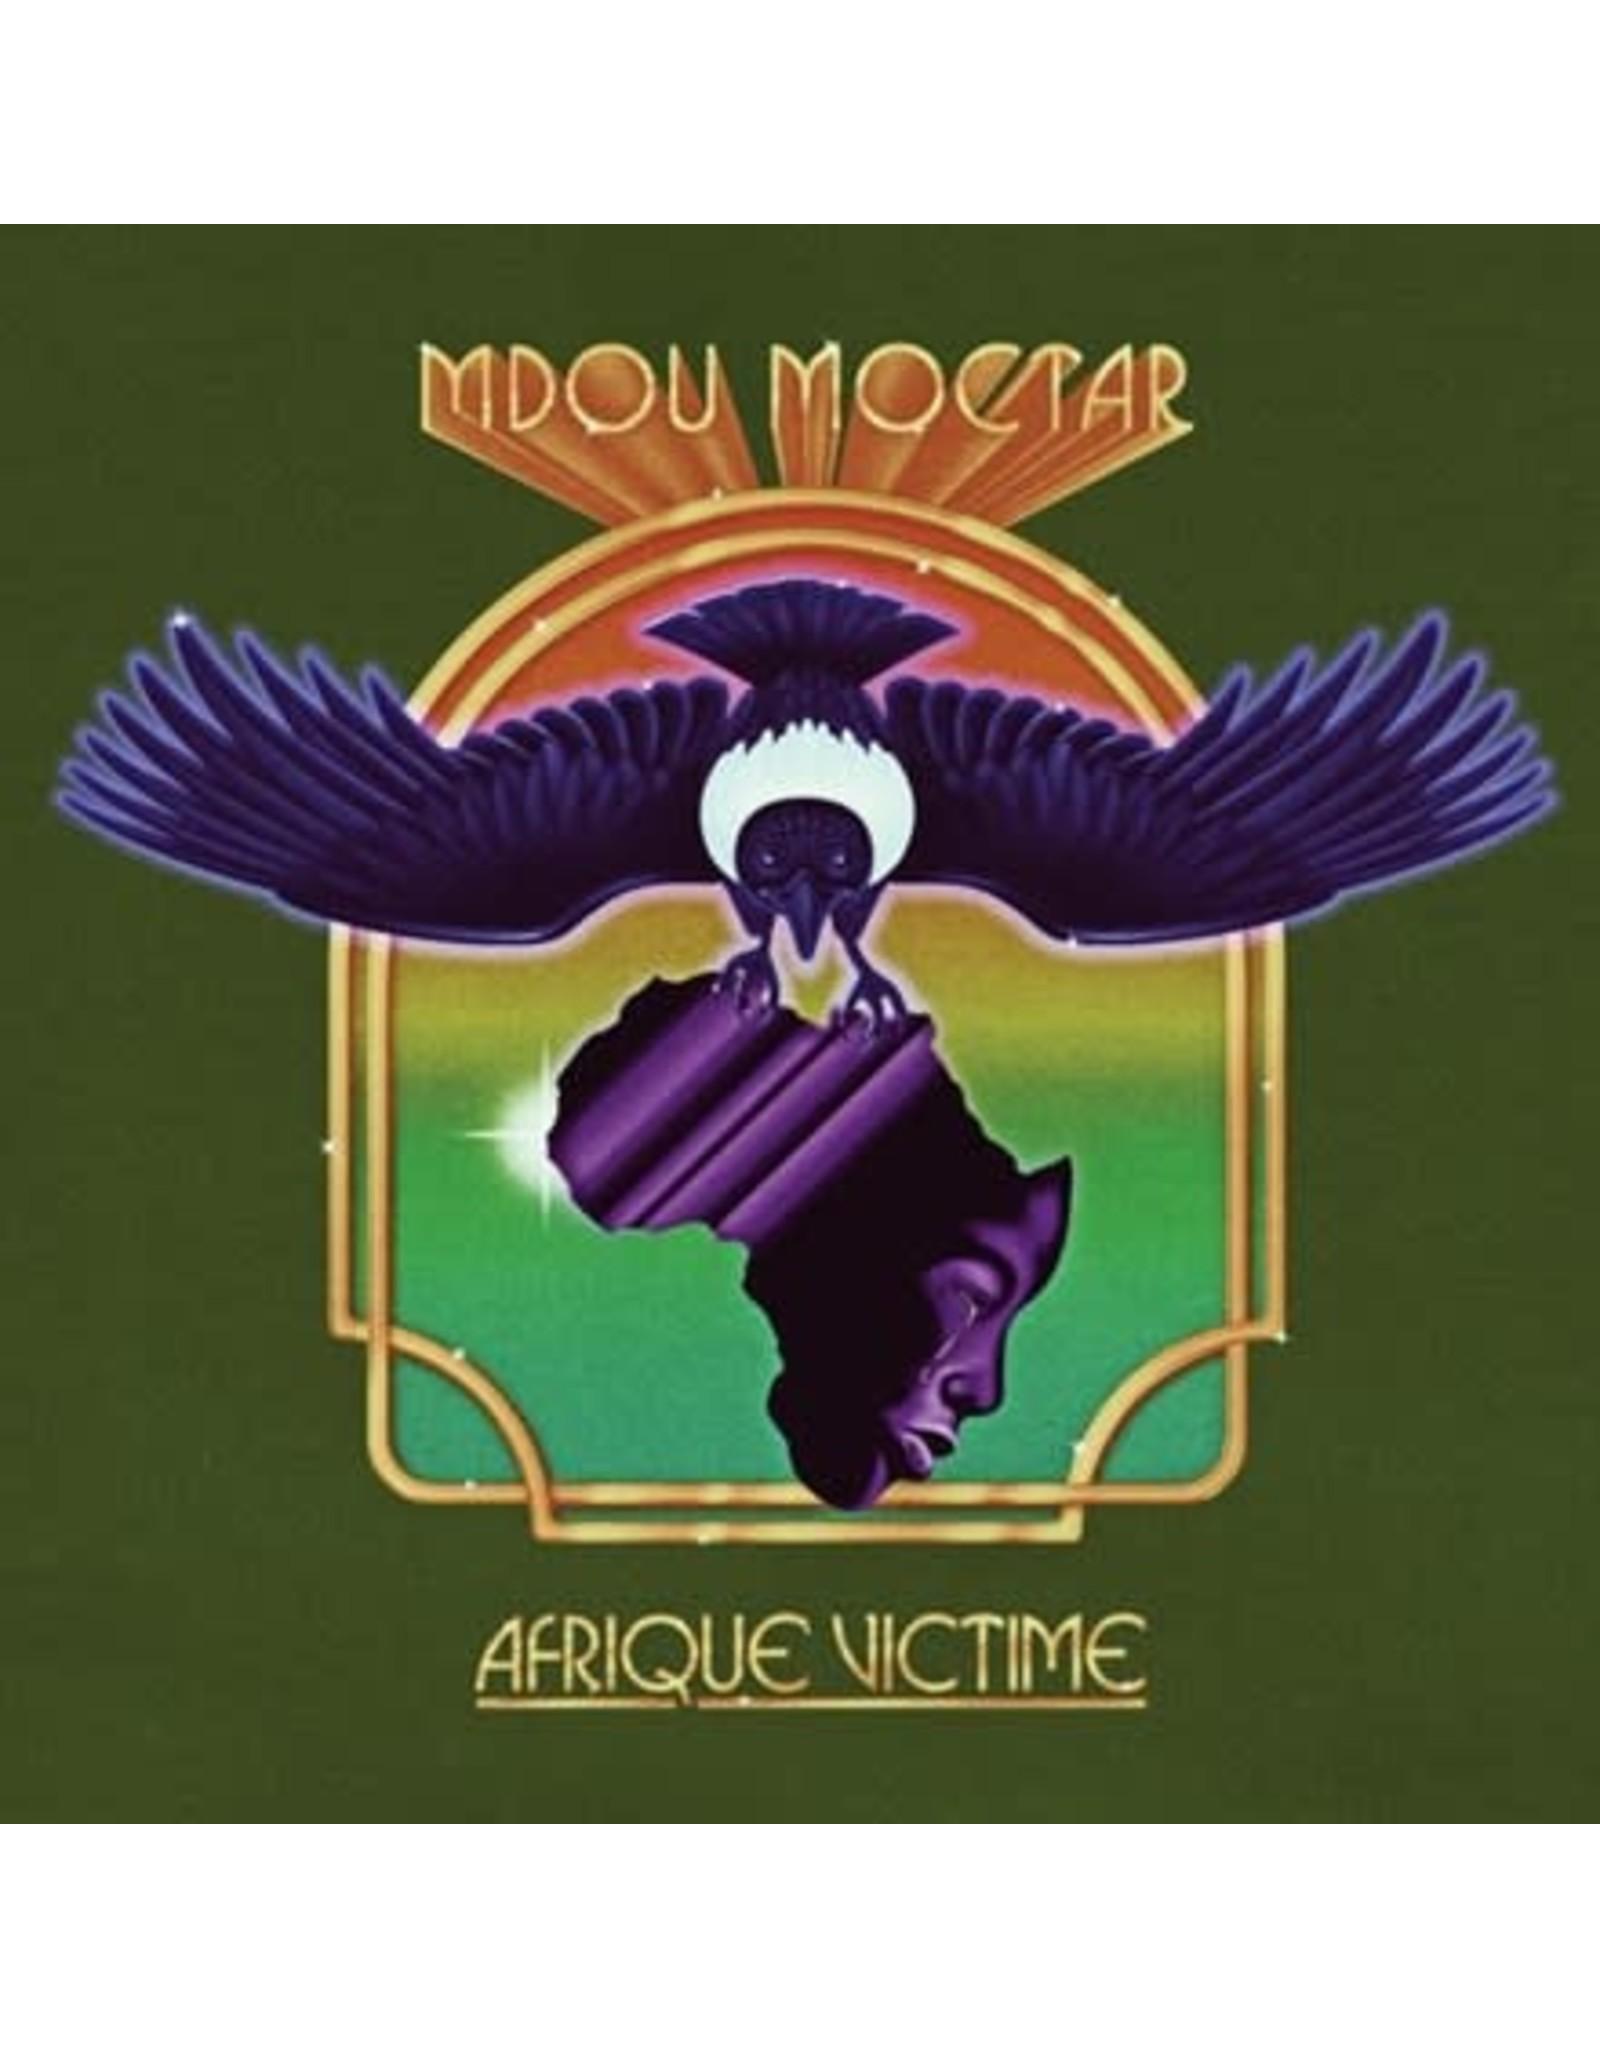 Matador Moctar, Mdou: Afrique Victime (indie exclusive/purple) LP